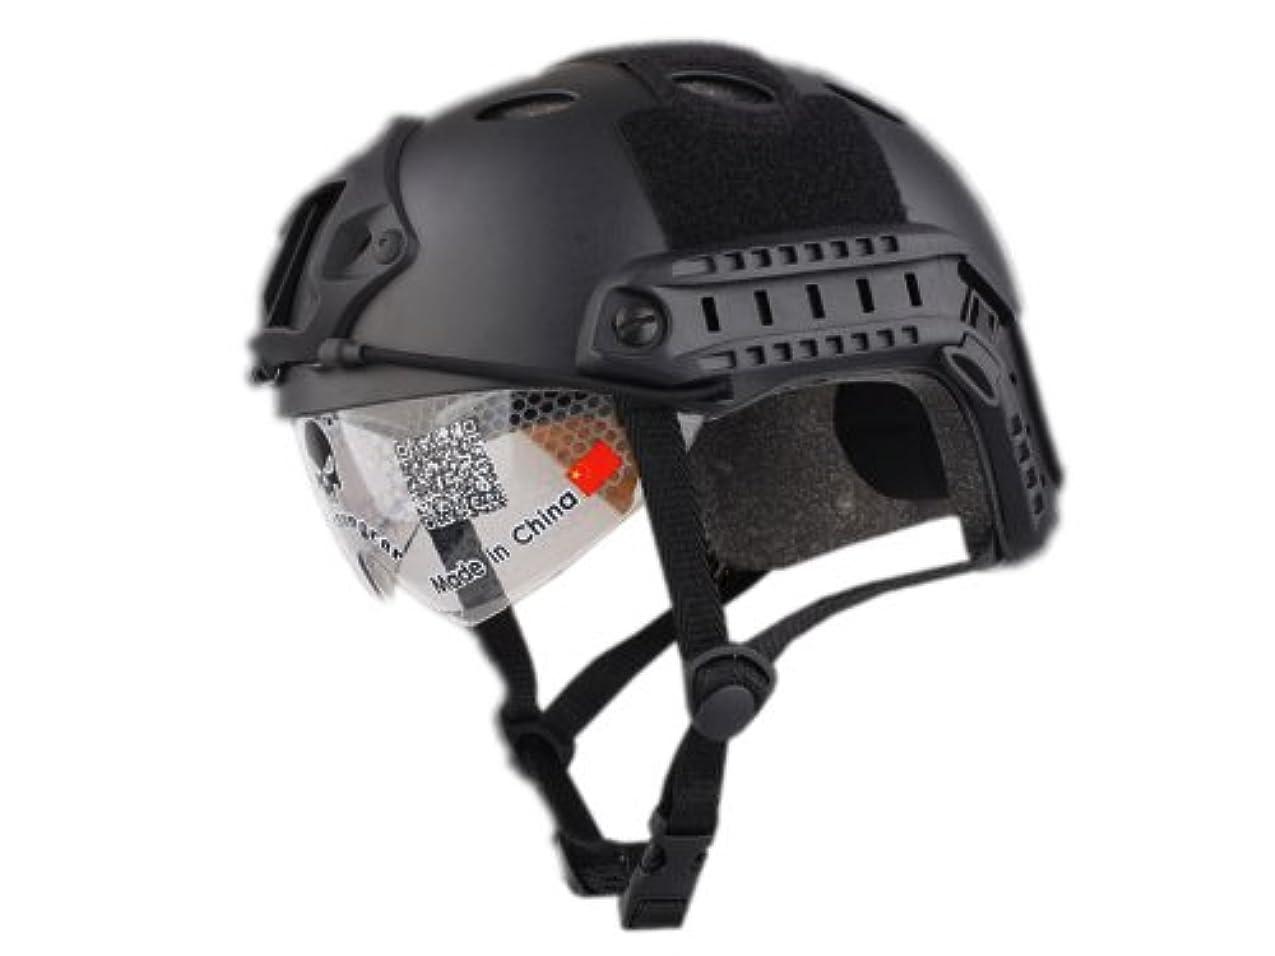 アナログとても多くの月曜日SHENKEL GoPro NVGマウント ウェアラブルカメラ用アクセサリ FASTヘルメット対応 (BK ブラック) ナイトビジョンマウント サバゲー装備 サバイバルゲーム